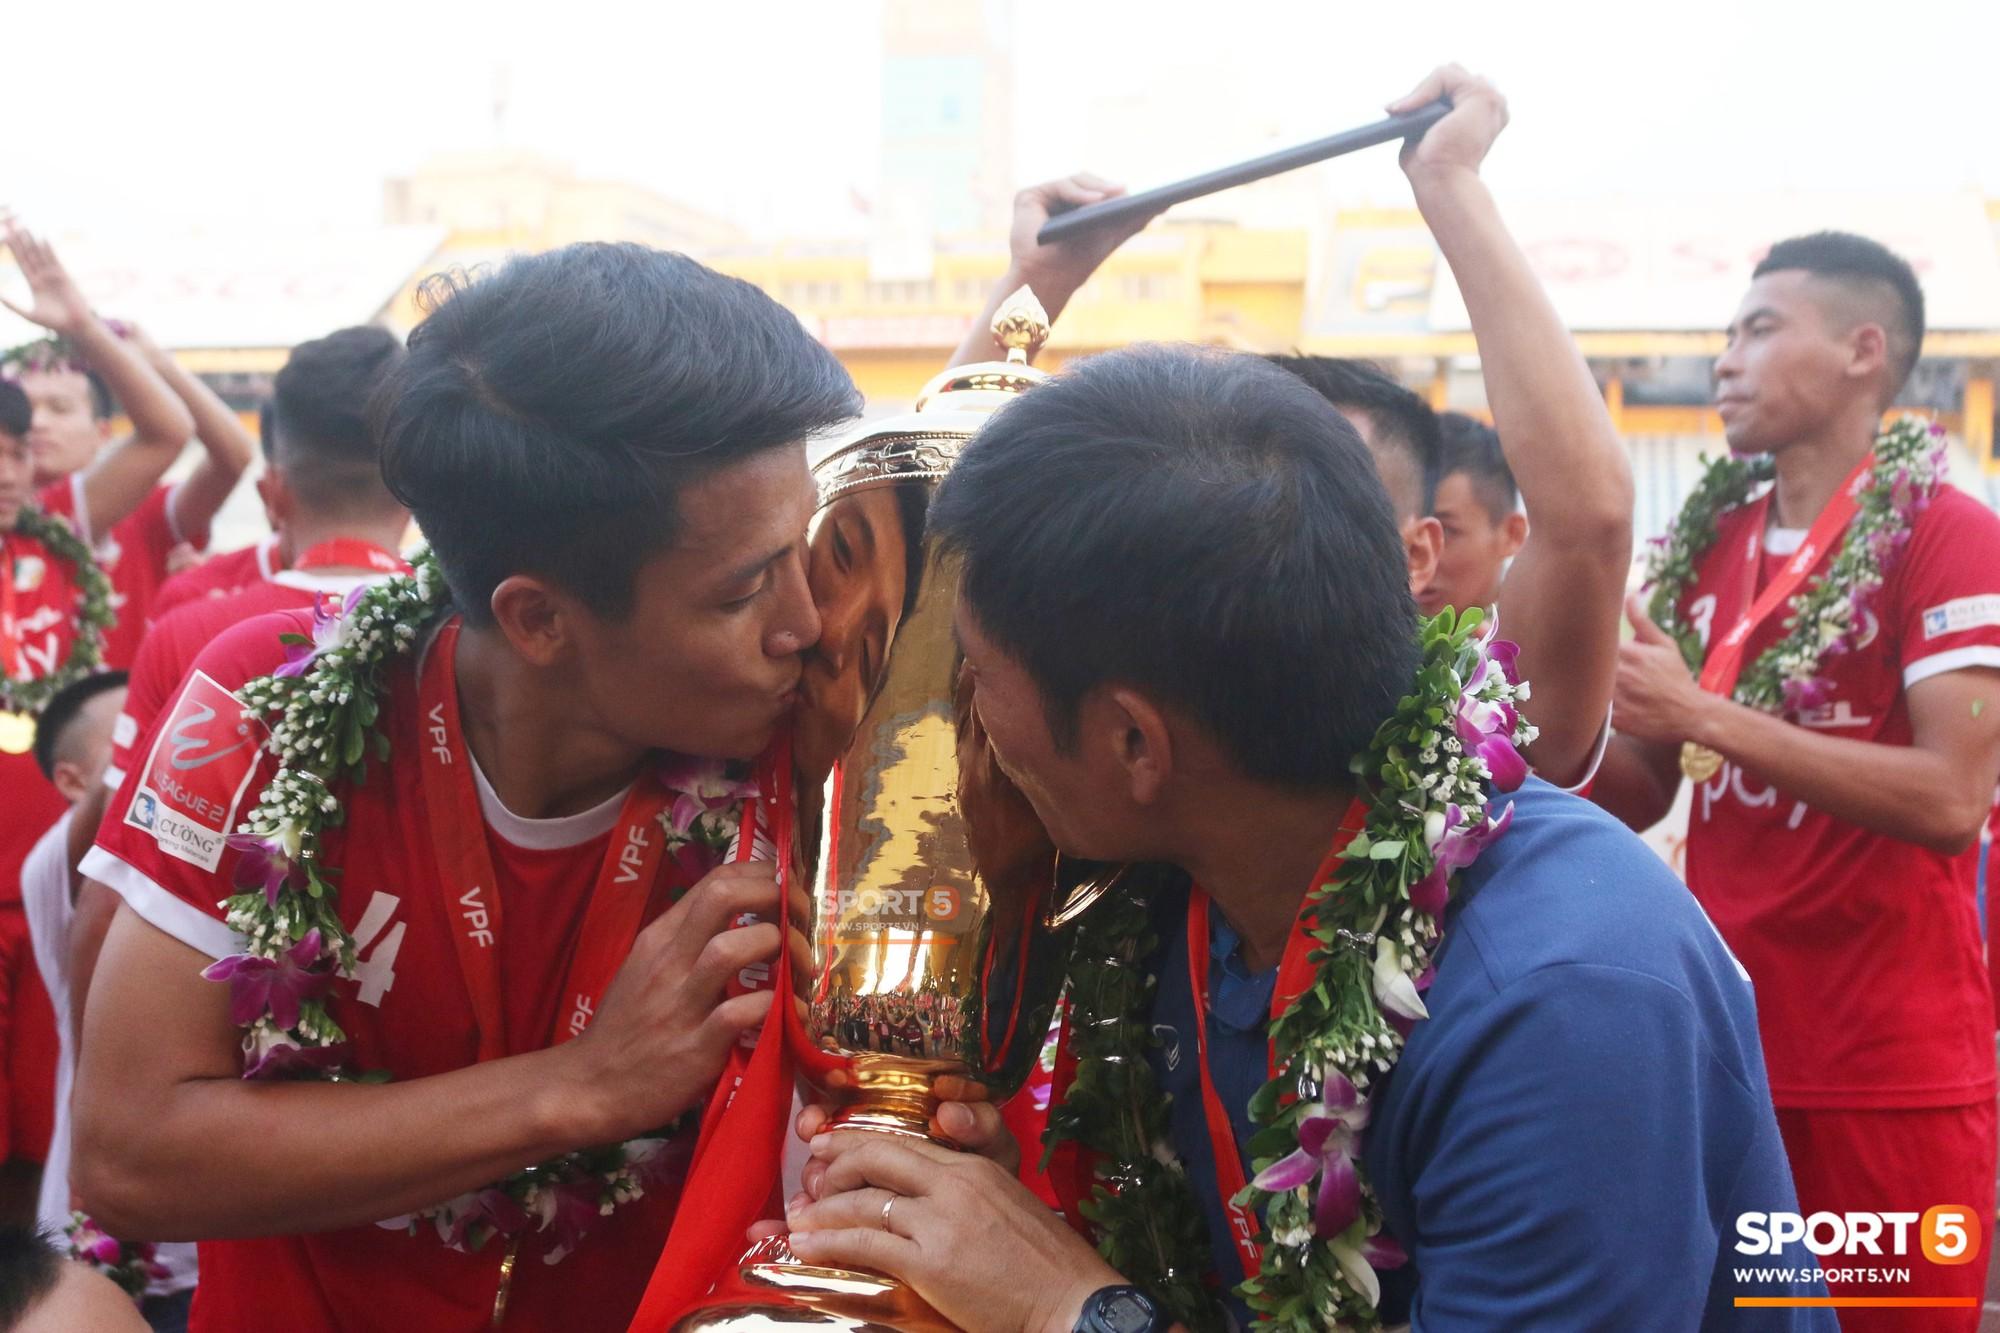 Tư Dũng sánh đôi cùng bạn gái trong ngày nhận Cúp vô địch hạng Nhất - Ảnh 10.